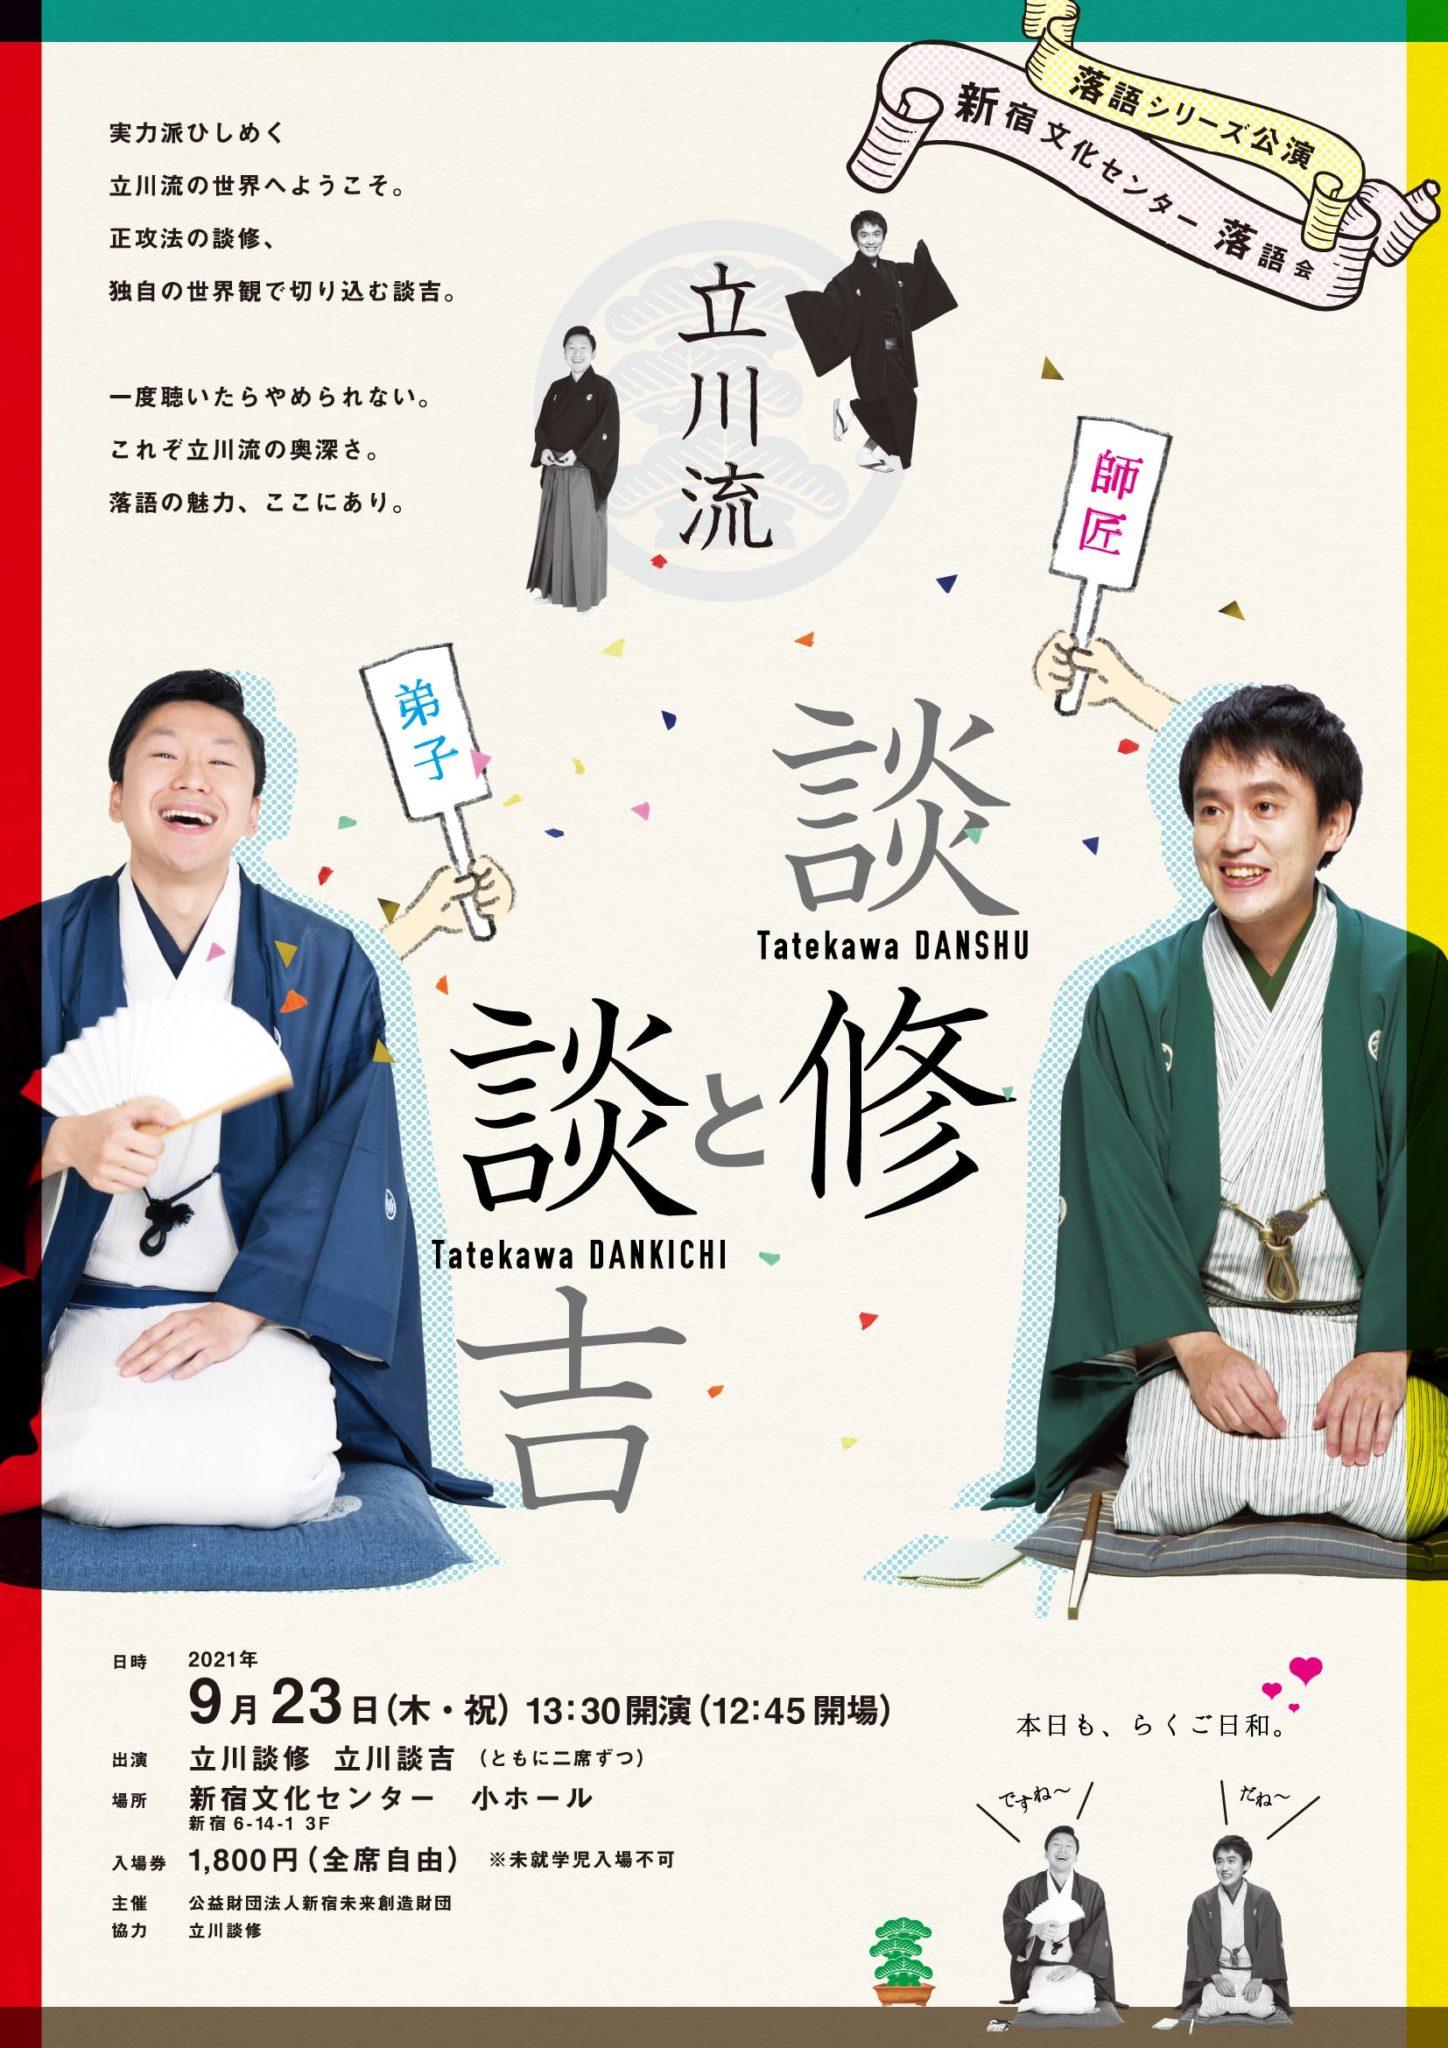 【9/23実施】新宿文化センター落語会